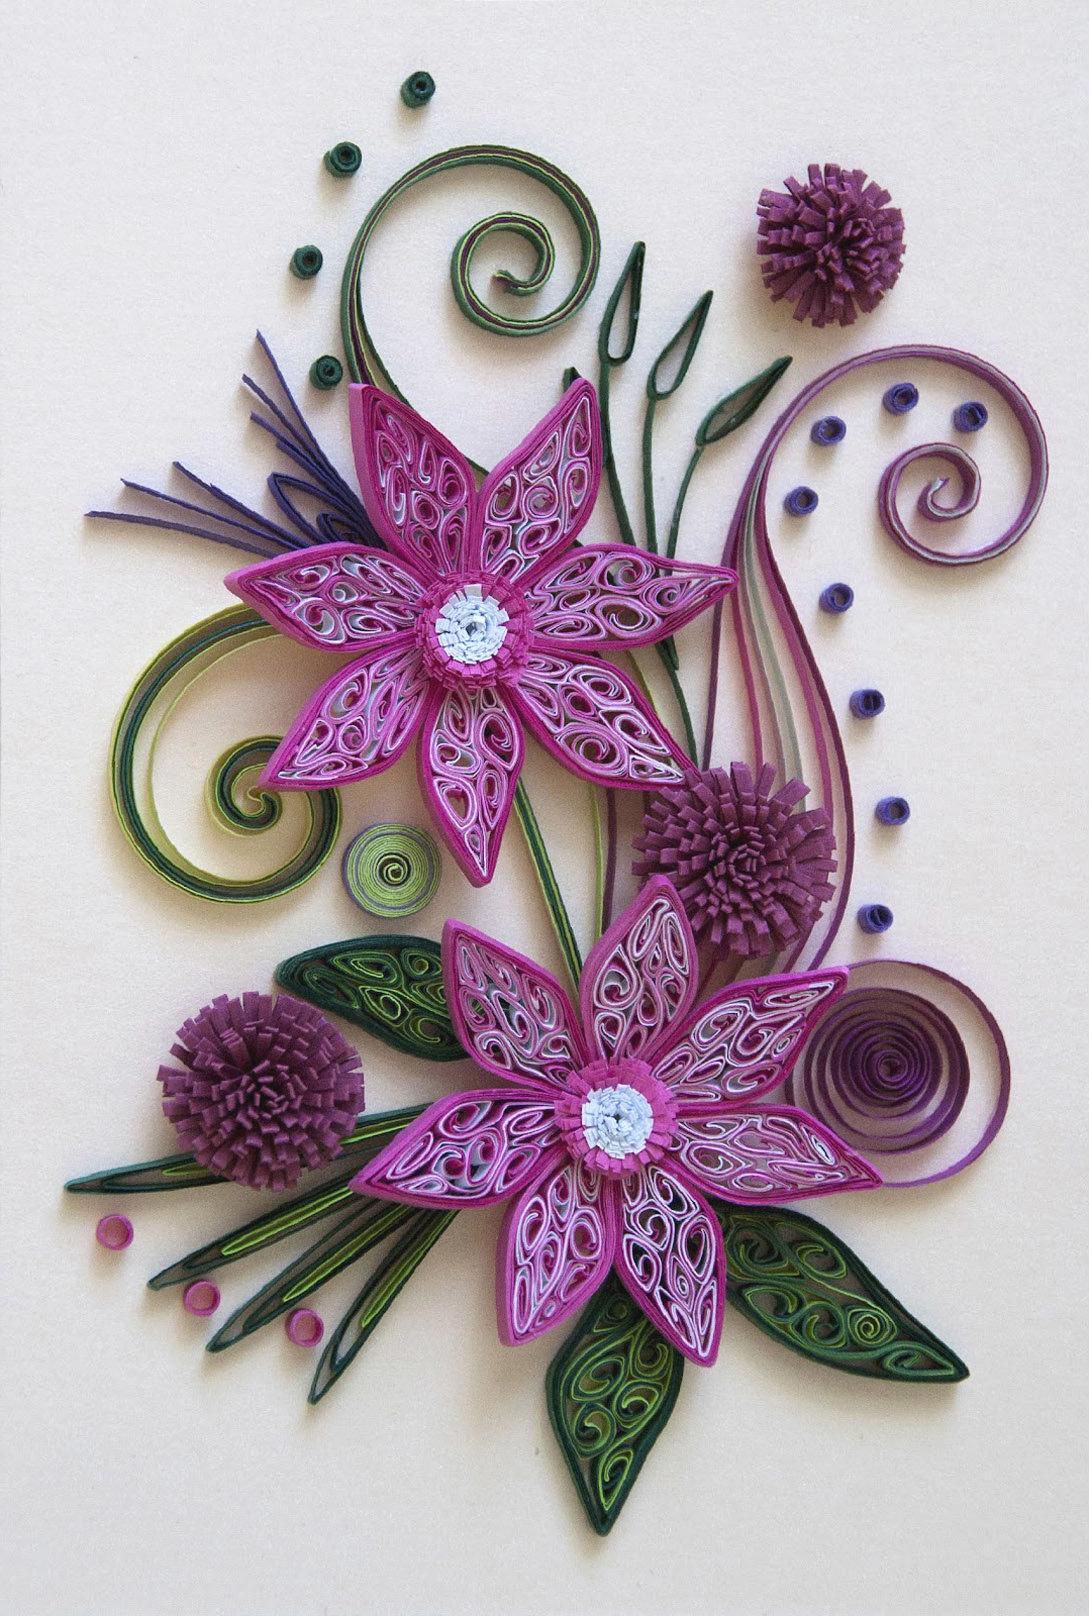 Английском, цветы в технике квиллинг для открытки